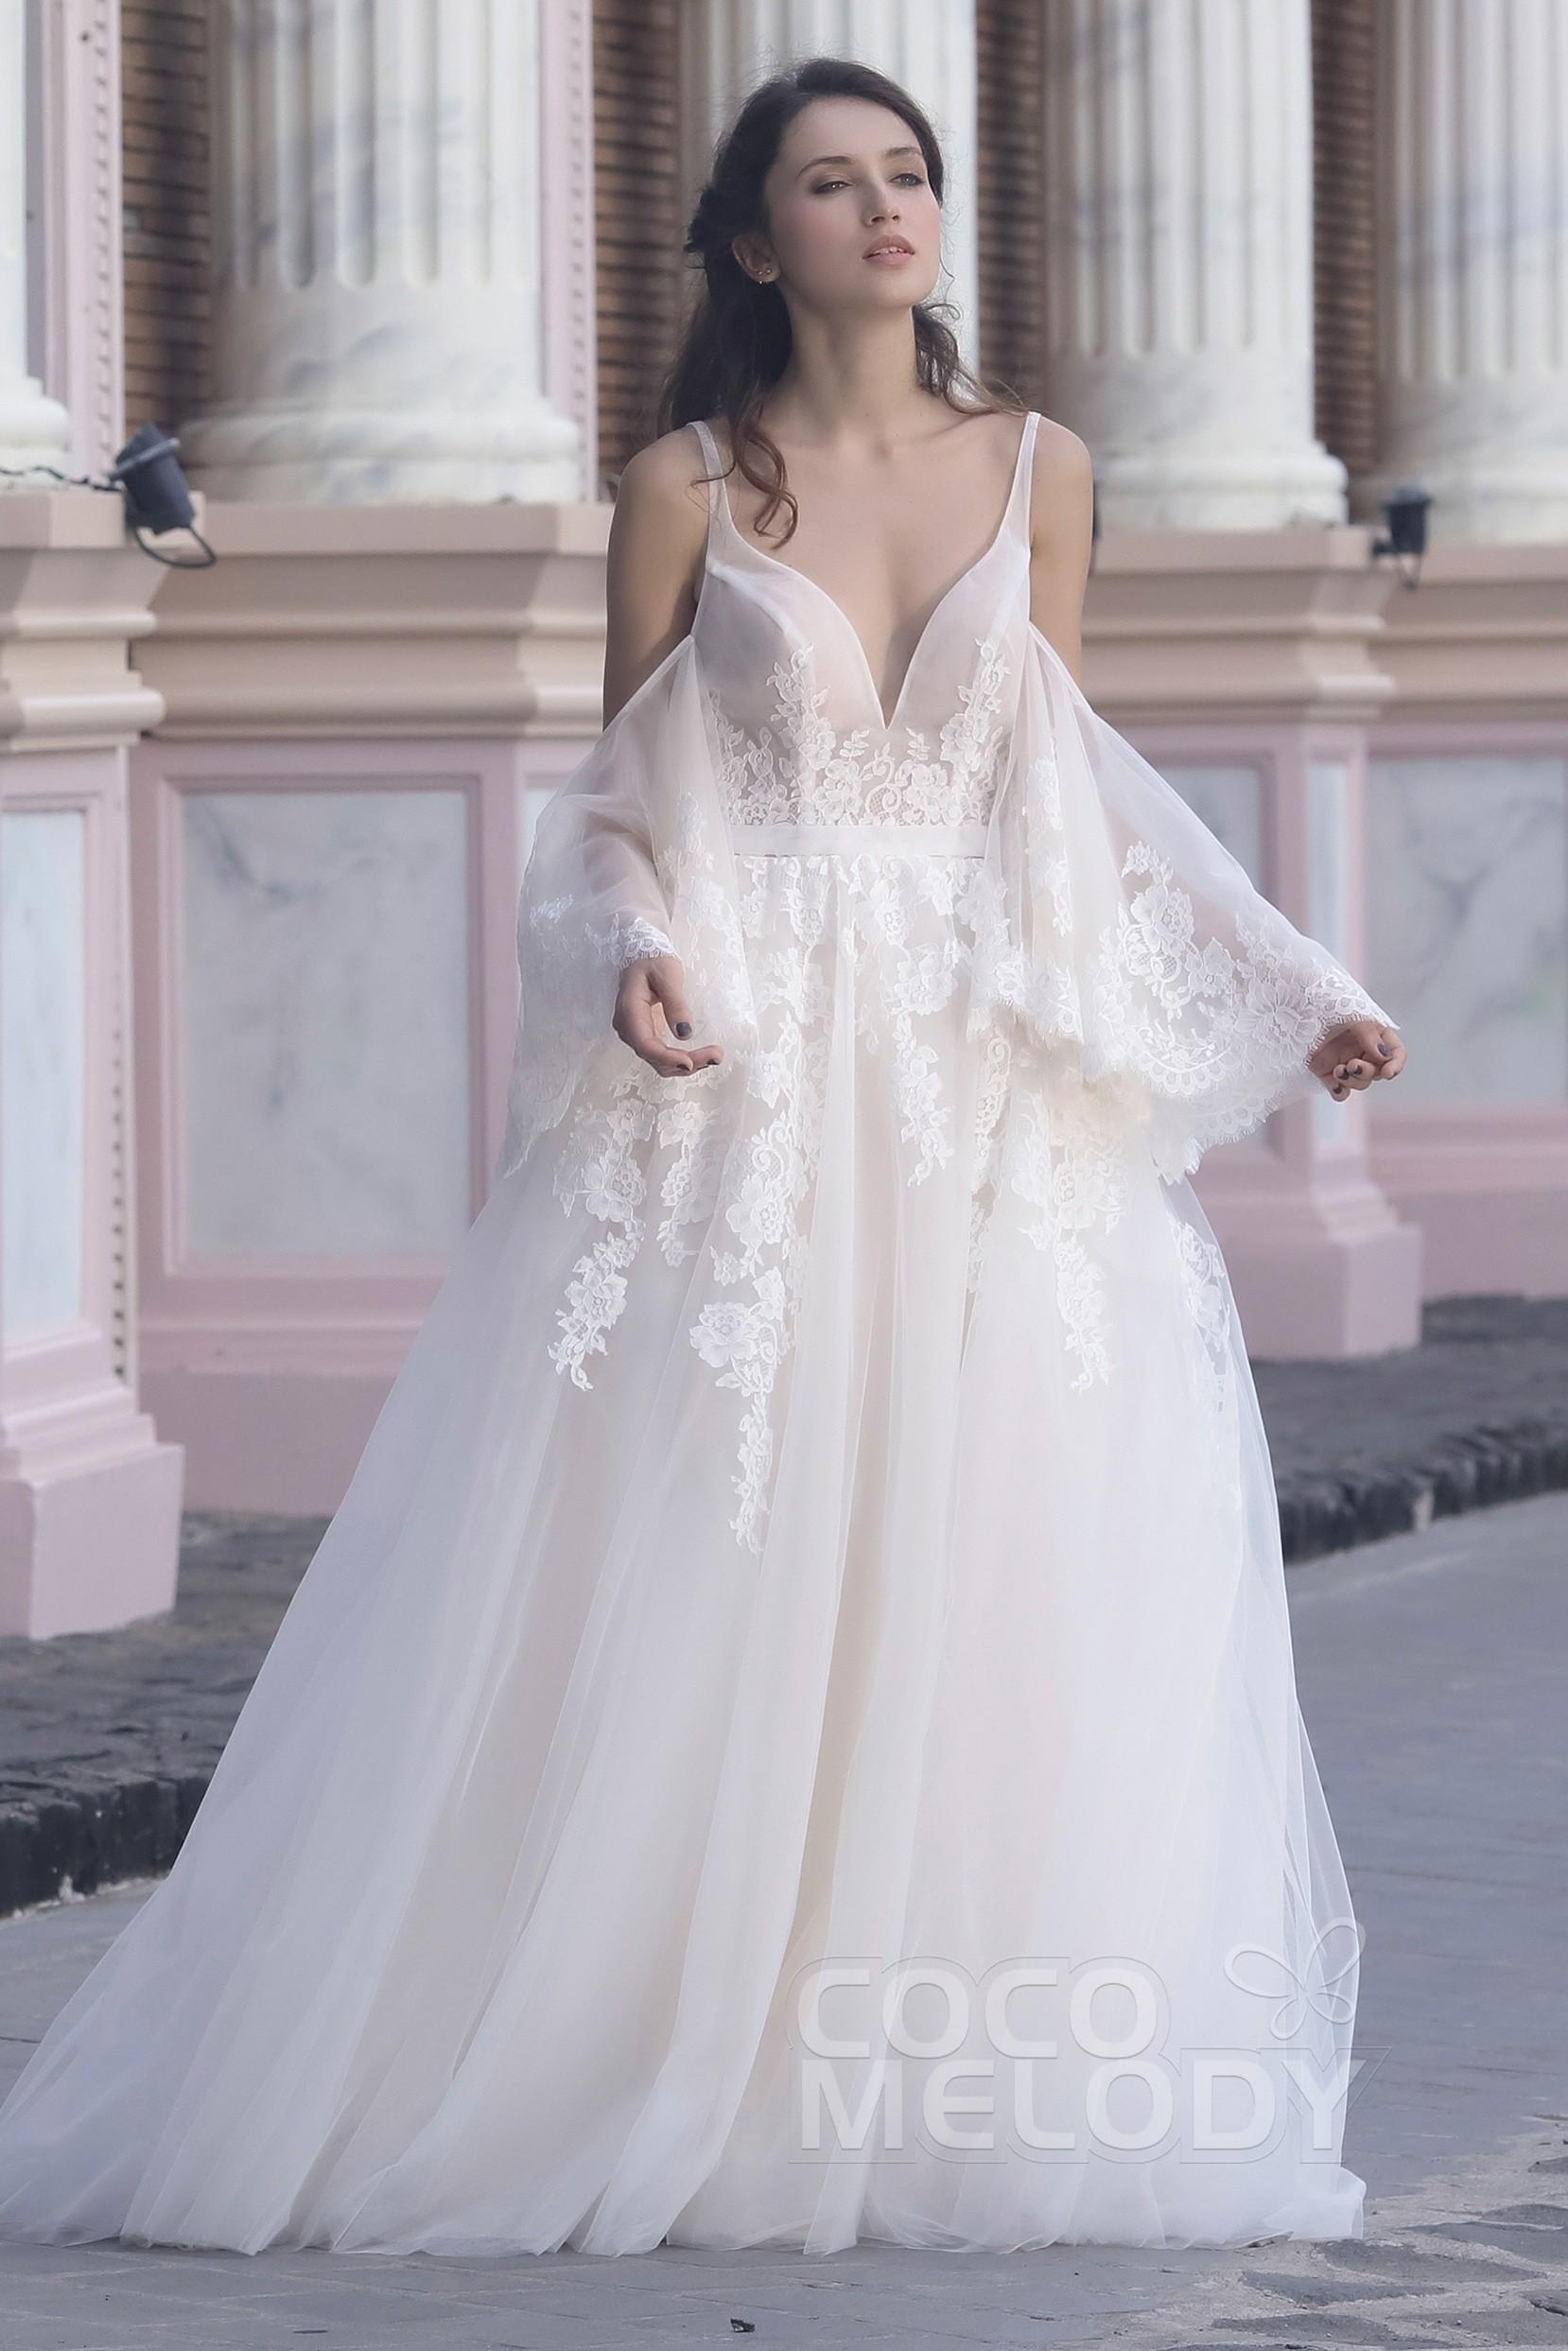 wwww.santabarbarawedding.com | COCOMELODY | A-Line Sweep-Brush Train Tulle Organza Wedding Dress